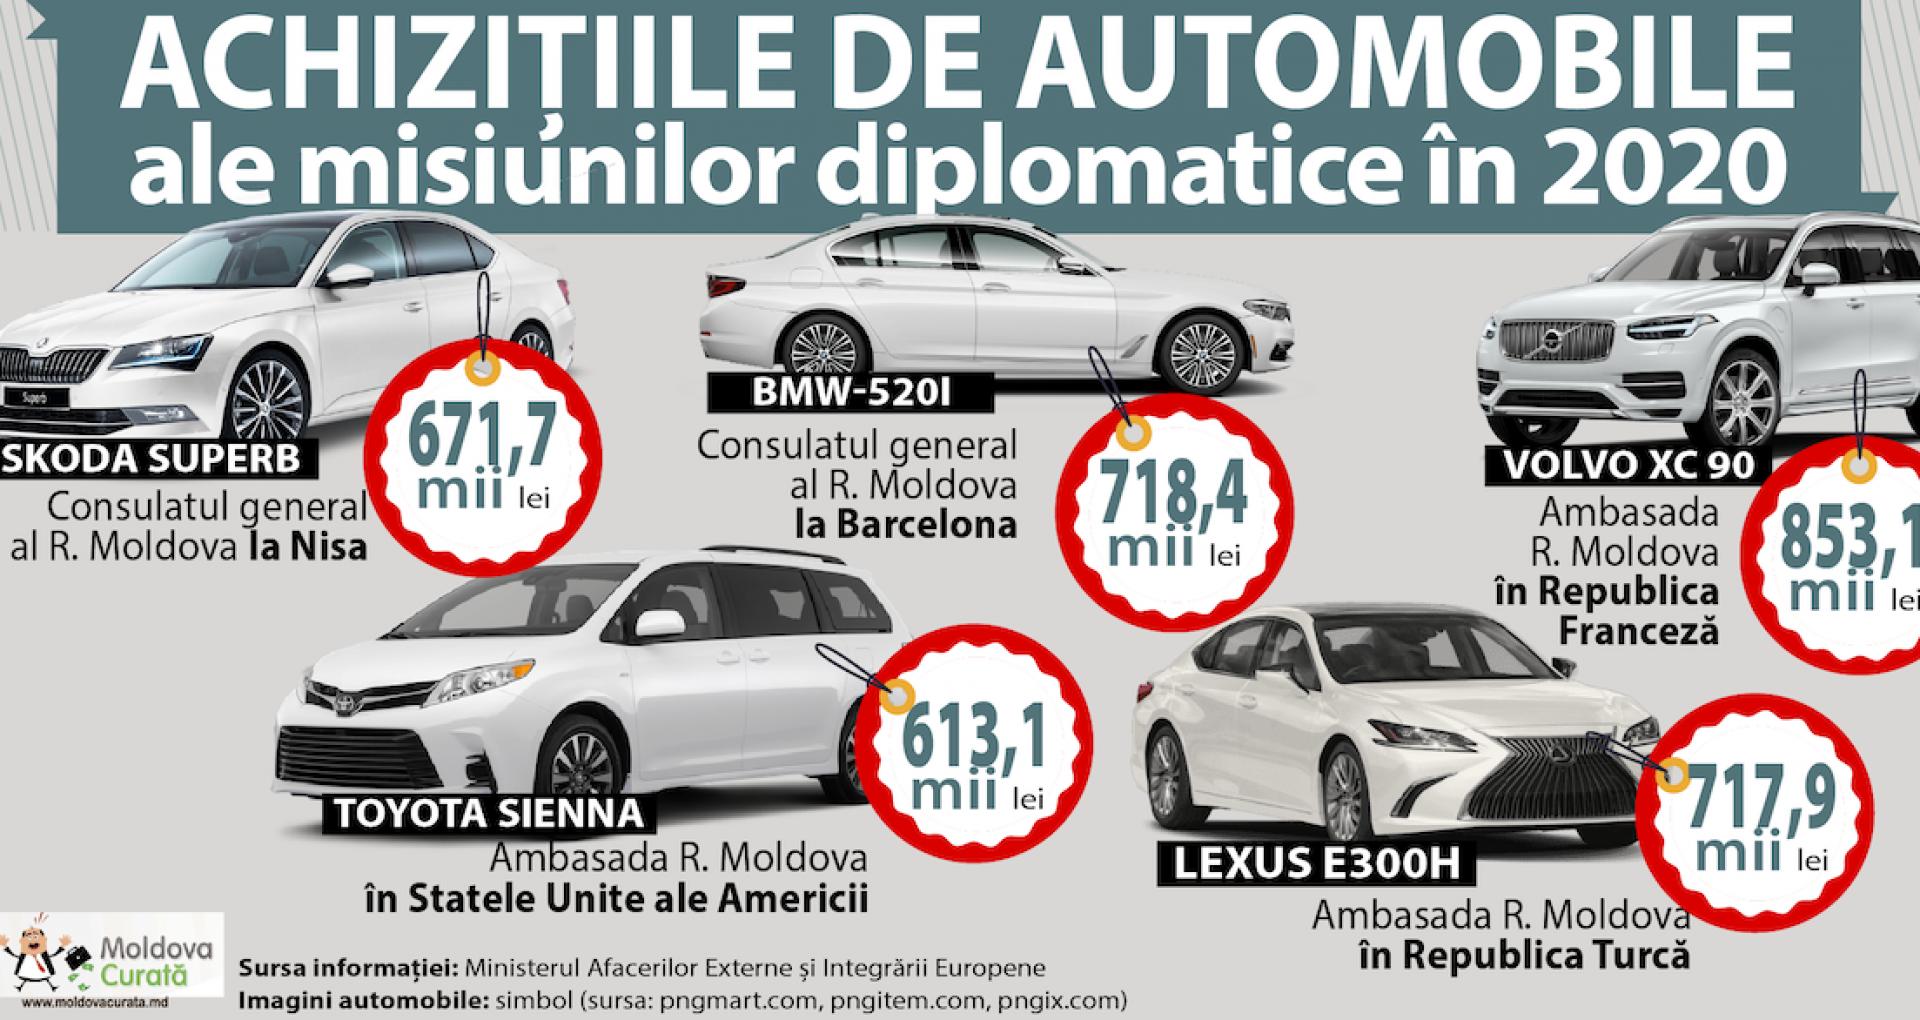 """""""Diplomația, un lux costisitor"""" sau cum ambasadele R. Moldova au cumpărat automobile scumpe într-un an pandemic"""